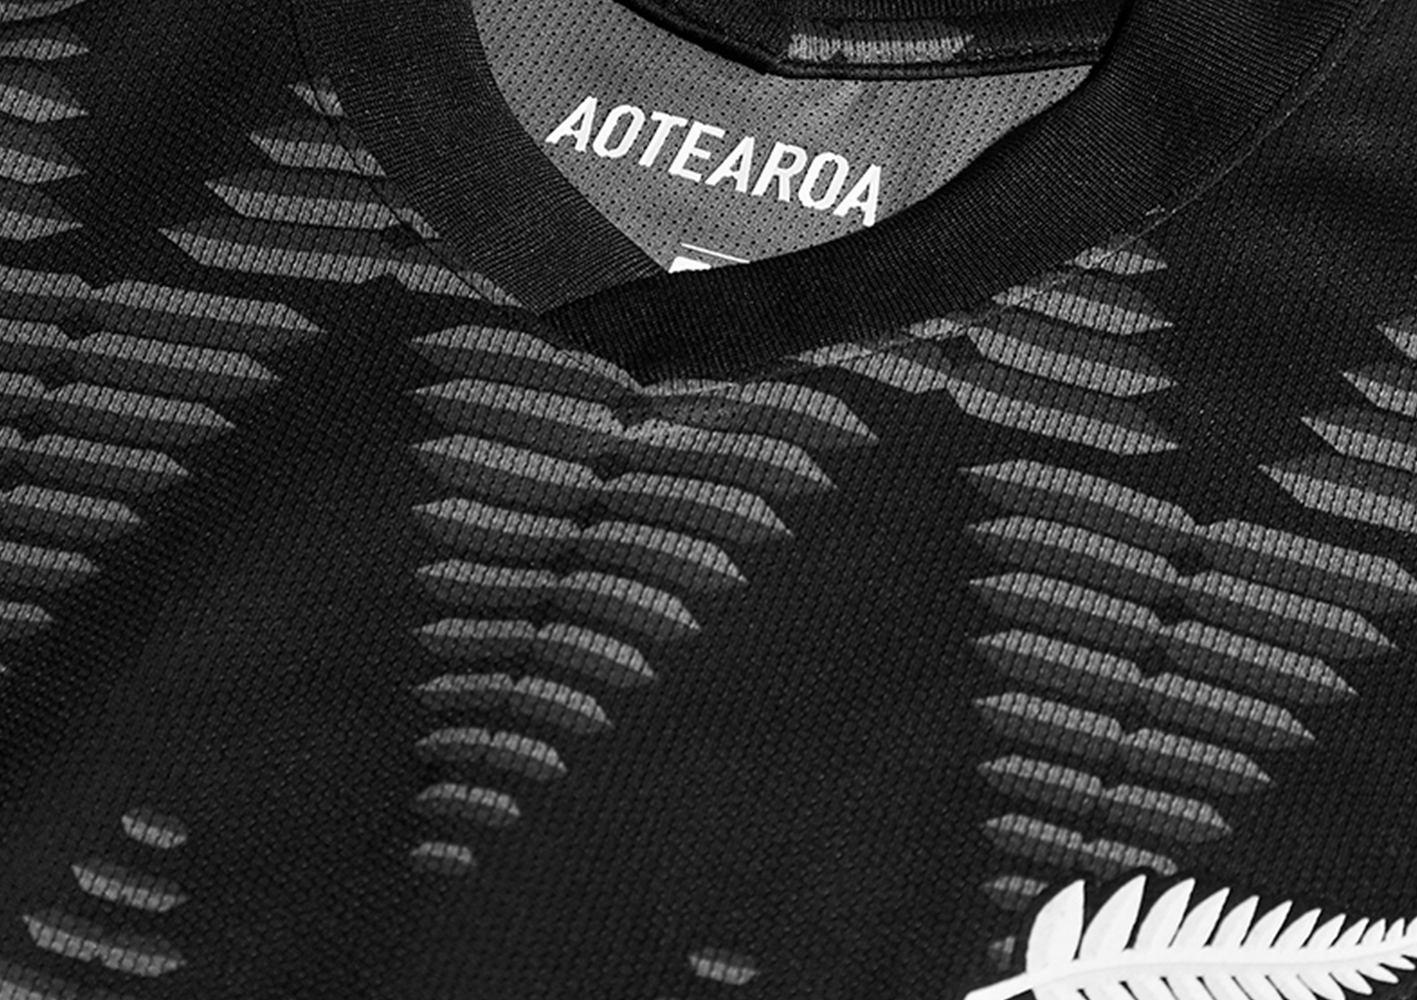 Camiseta suplente Nike de Nueva Zelanda 2020/21 | Imagen Web Oficial